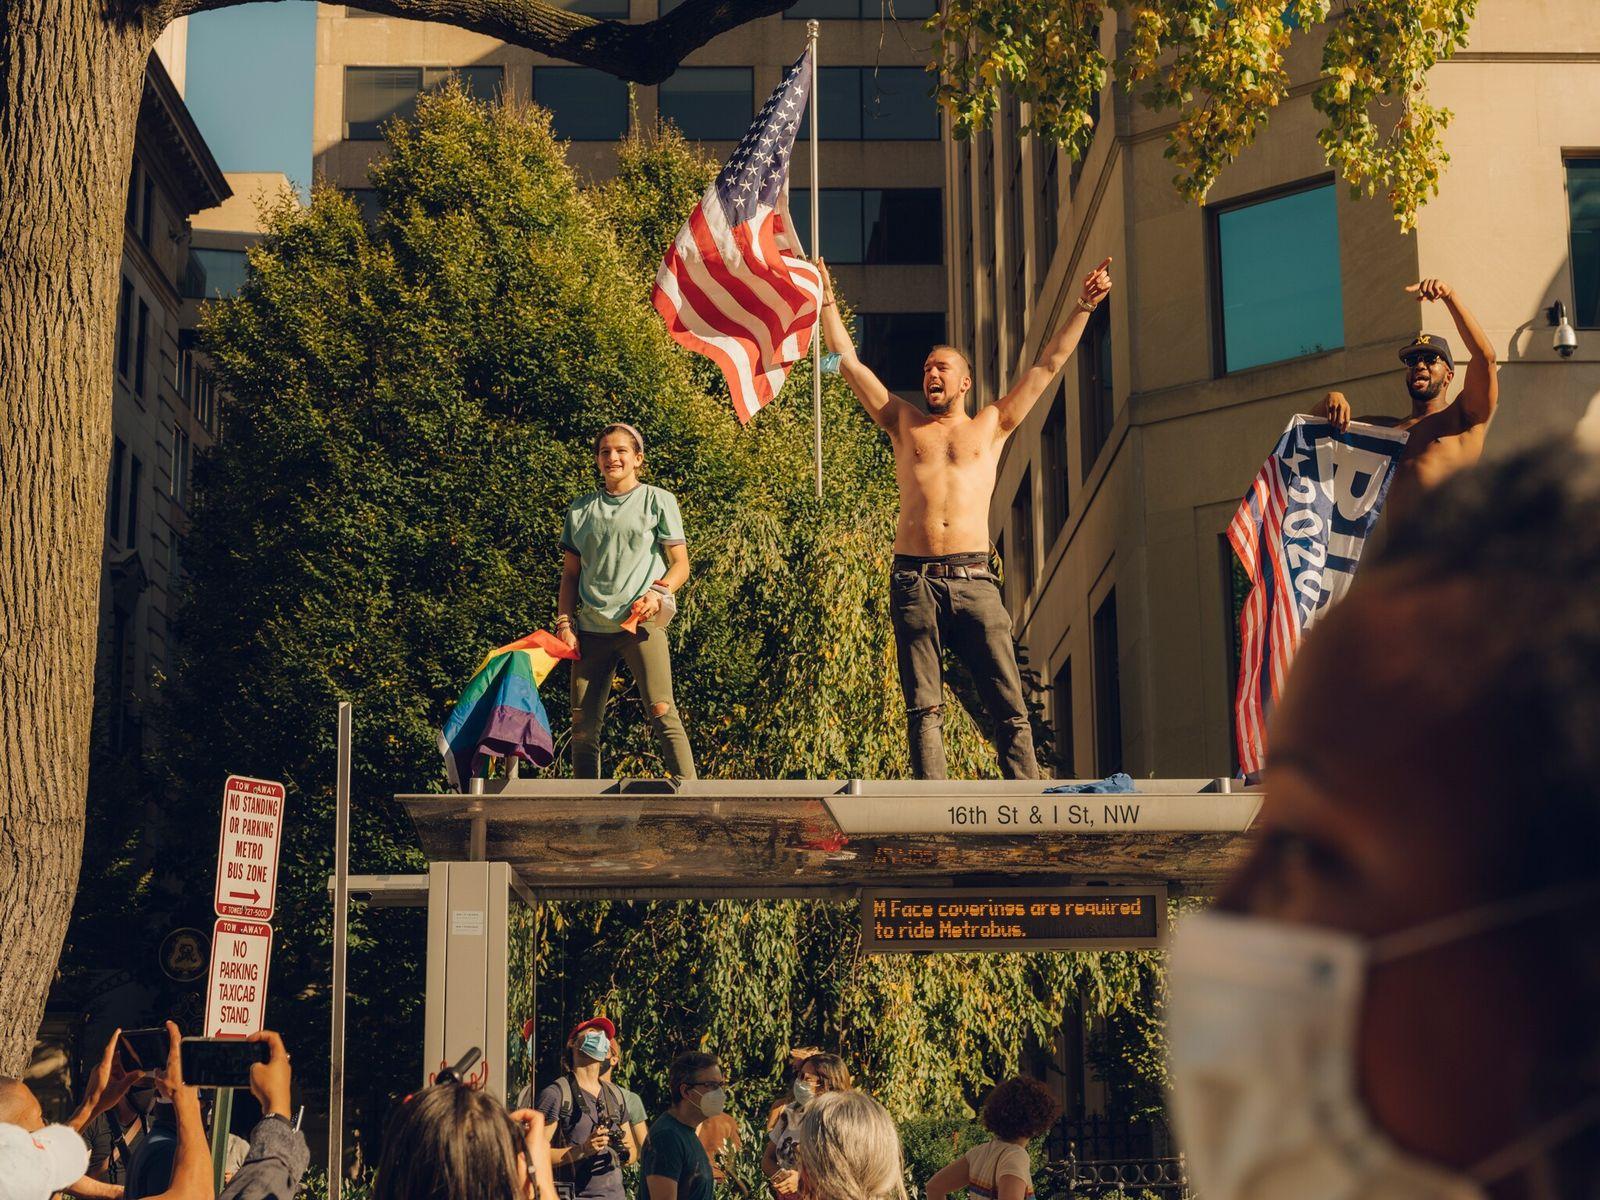 Quatro dias depois do dia das eleições, manifestantes na Black Lives Matter Plaza, em Washington D.C., ...